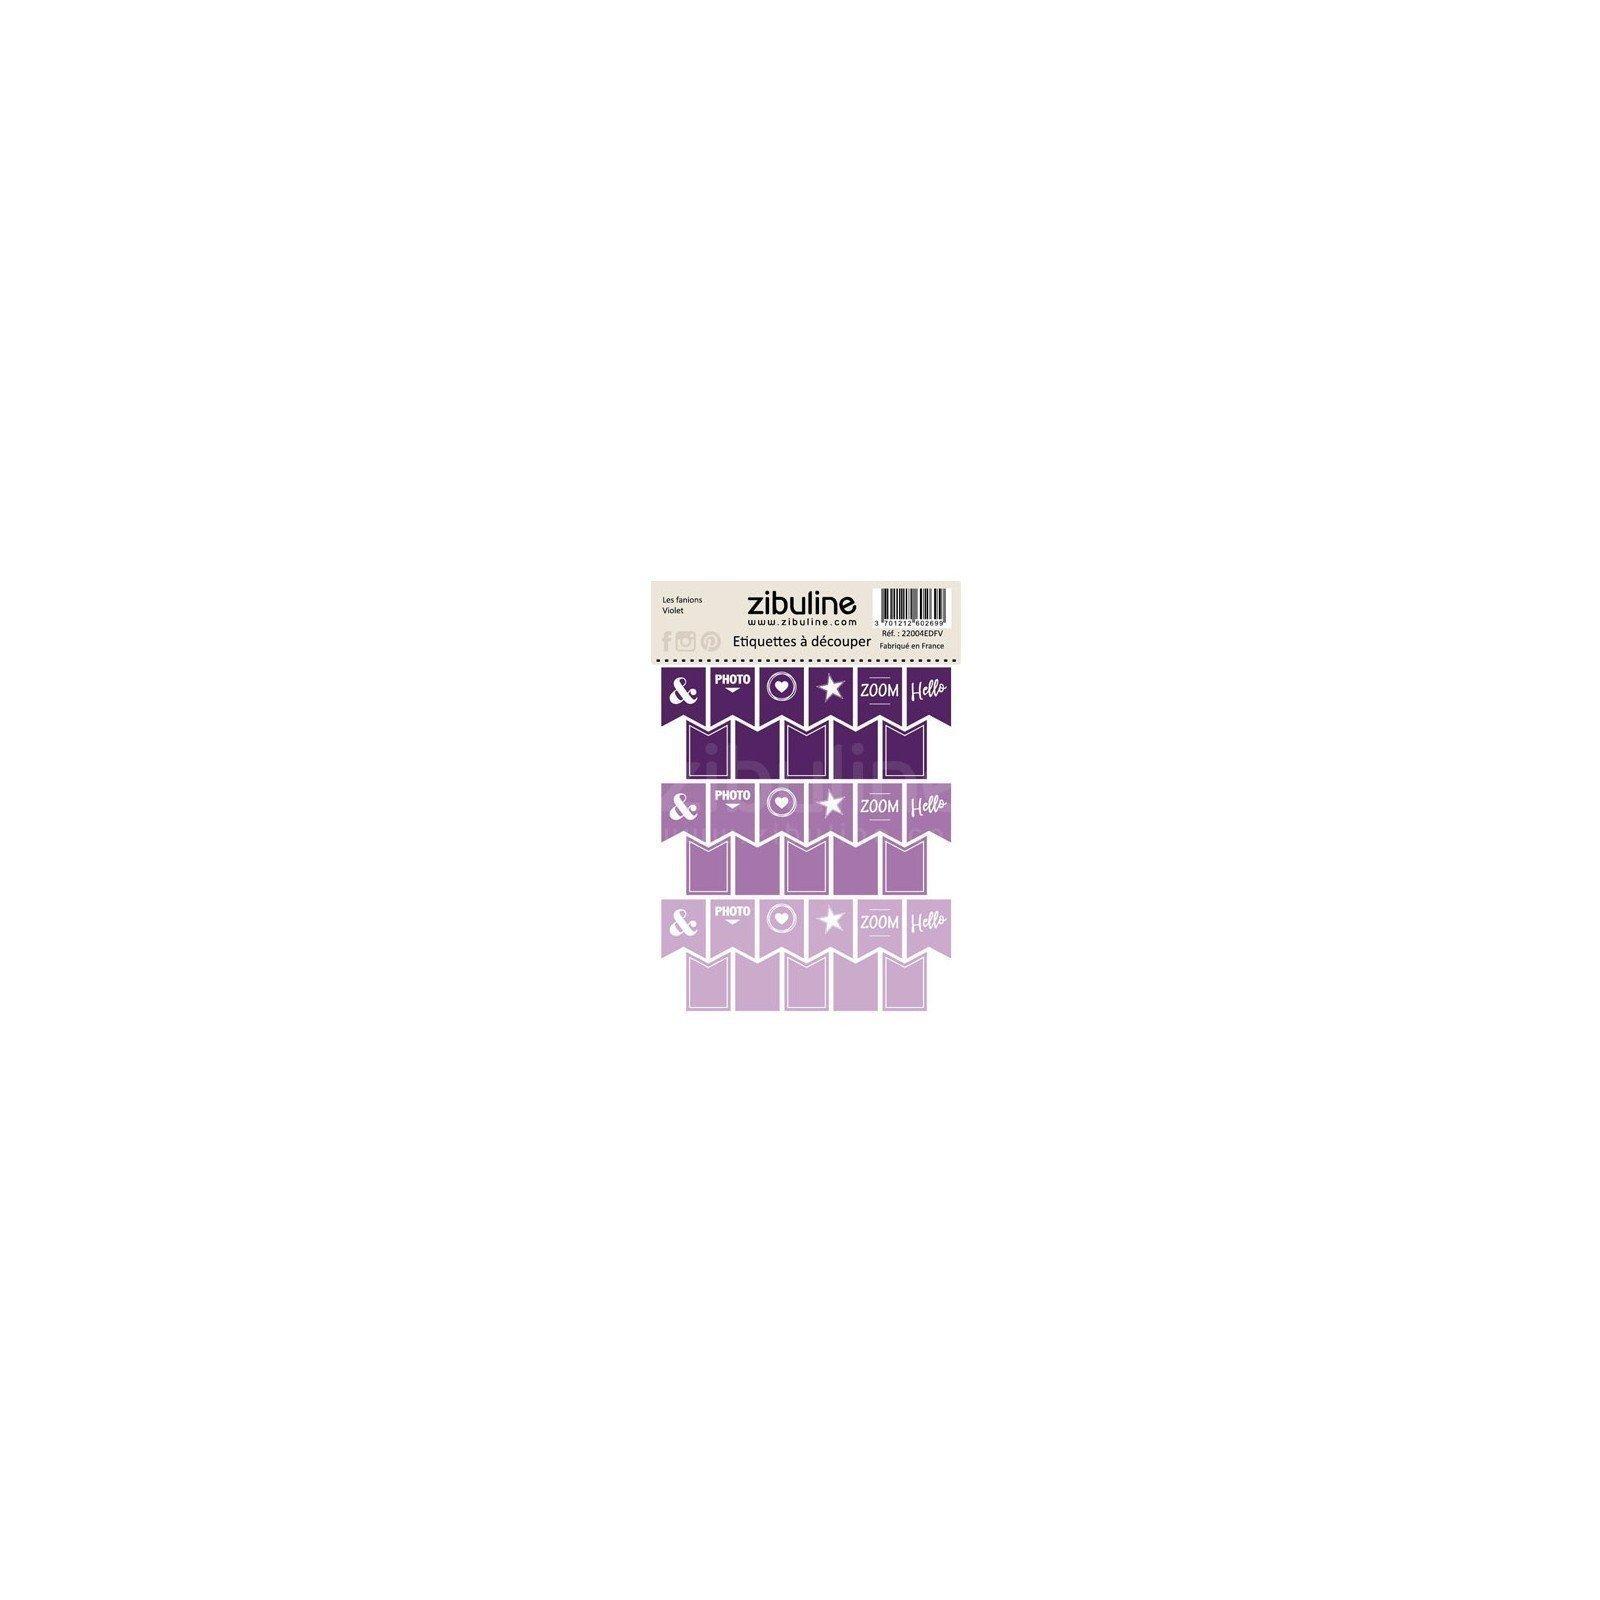 Planche d'étiquettes à découper - Les fanions - Violet - Zibuline